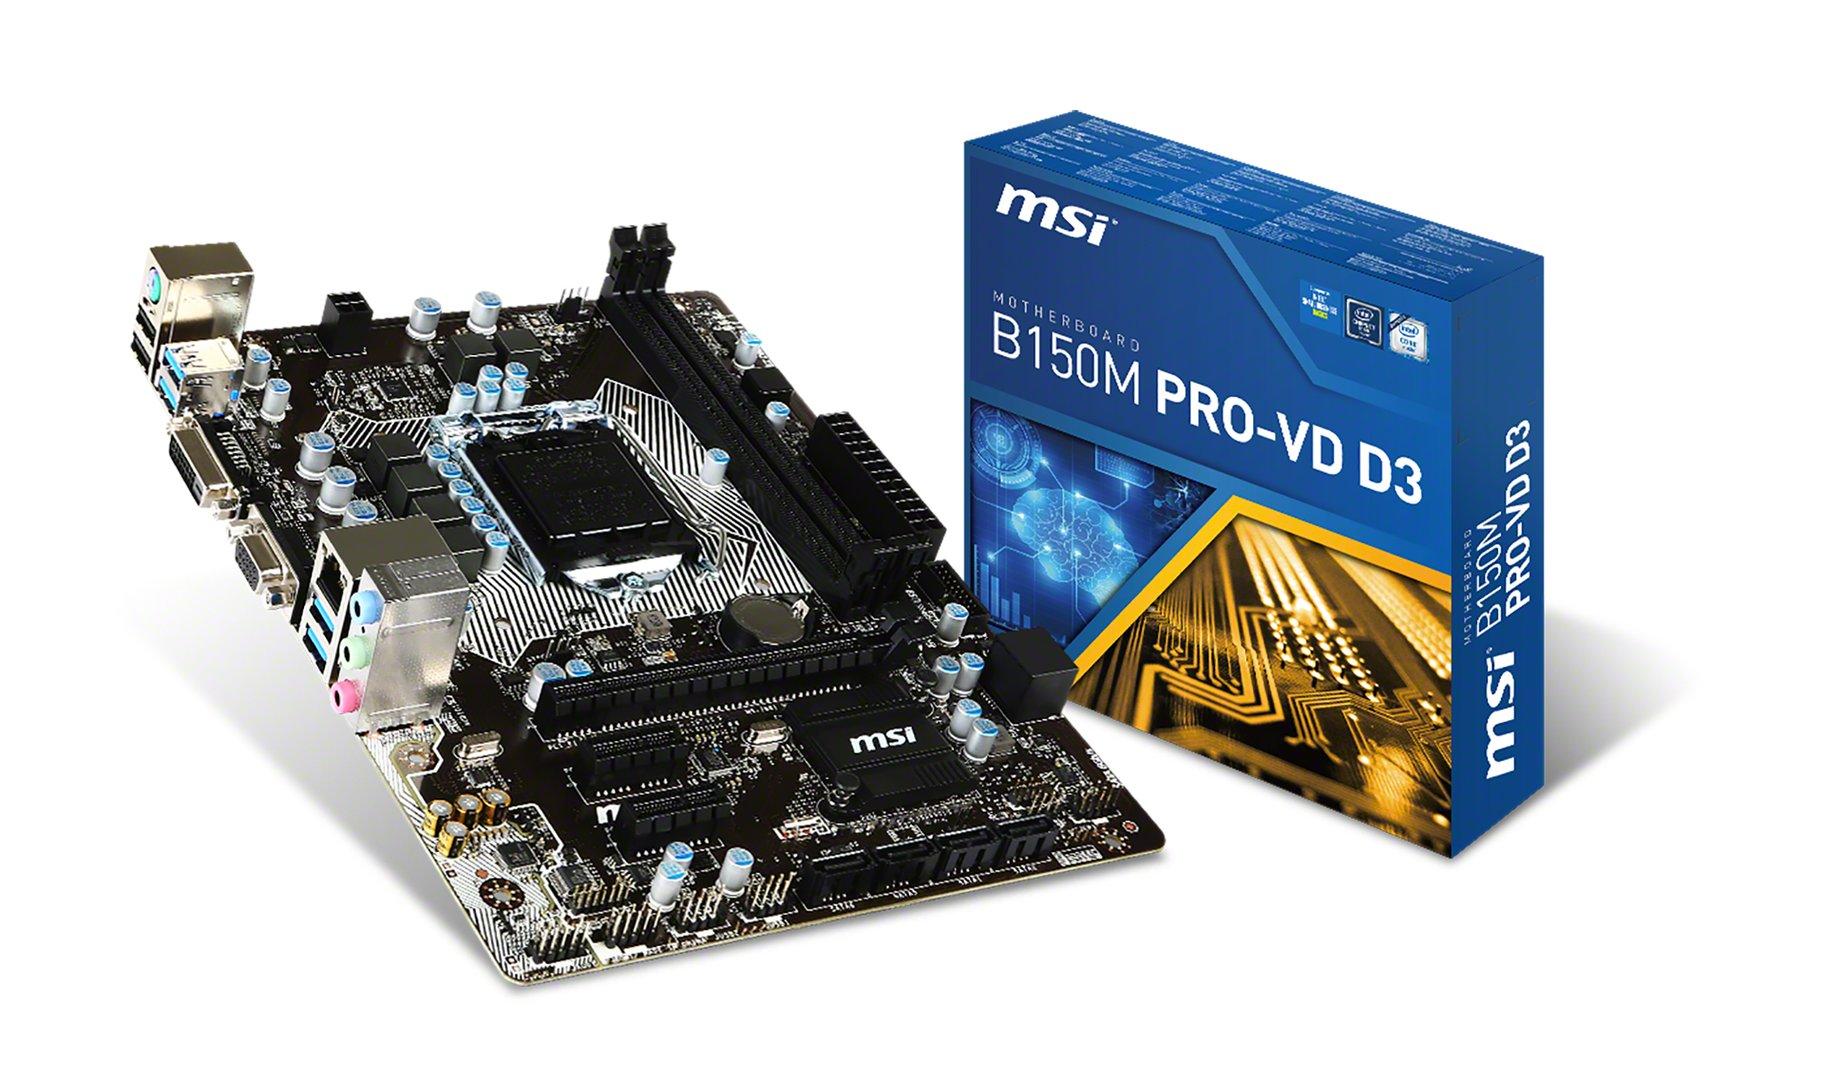 MSI B150M Pro-VD D3